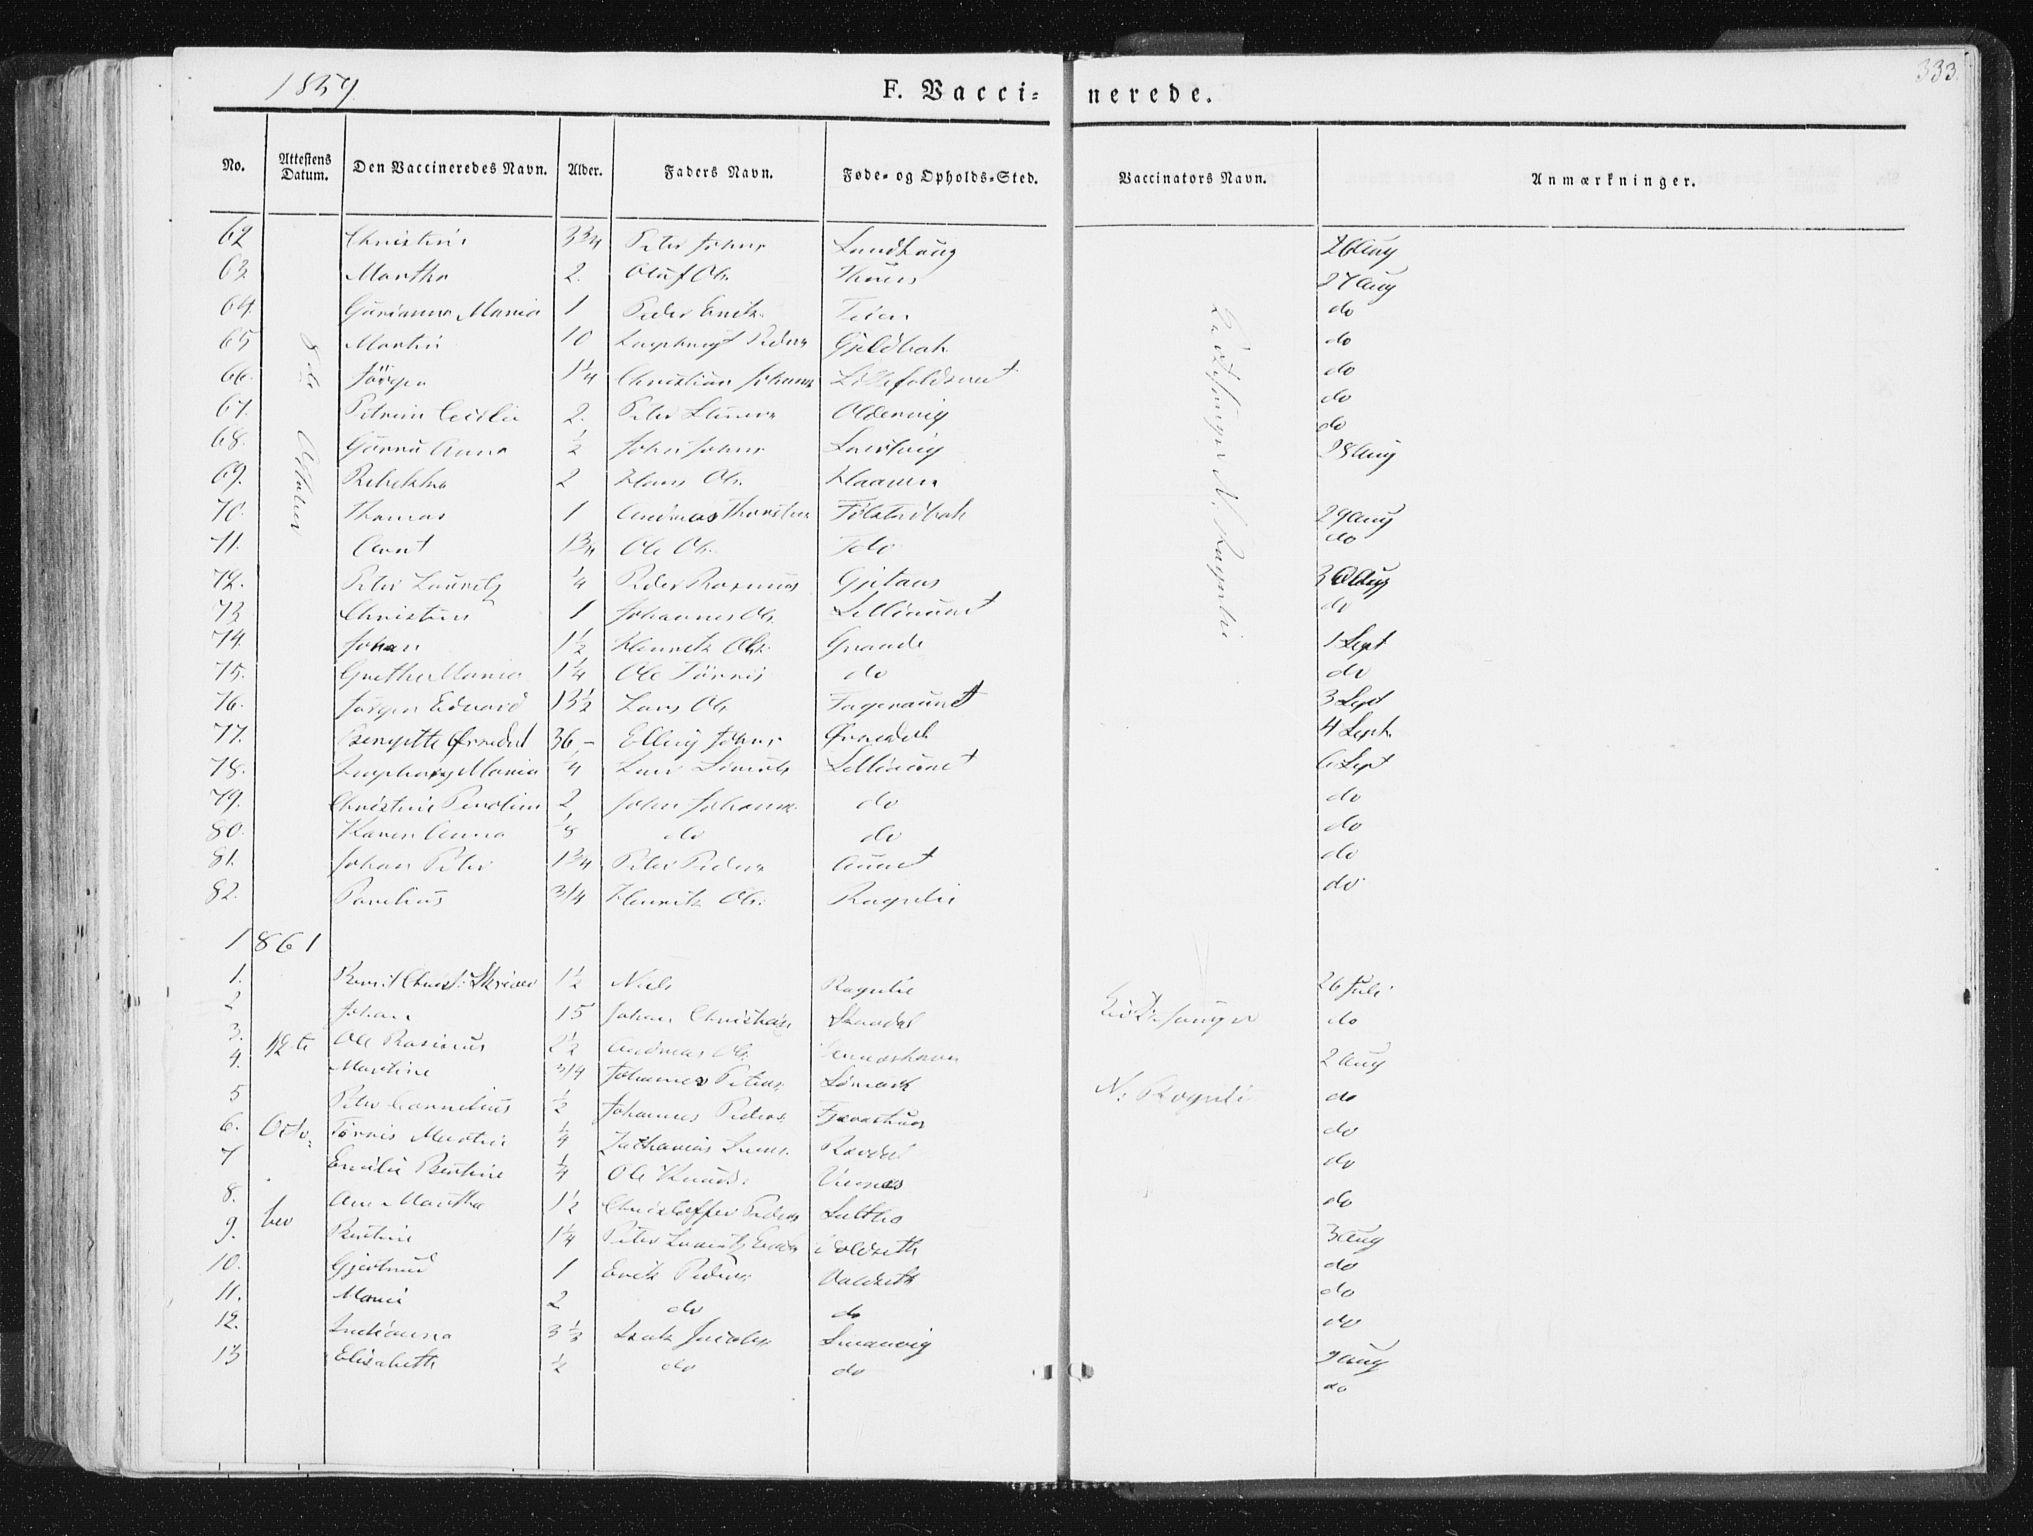 SAT, Ministerialprotokoller, klokkerbøker og fødselsregistre - Nord-Trøndelag, 744/L0418: Ministerialbok nr. 744A02, 1843-1866, s. 333